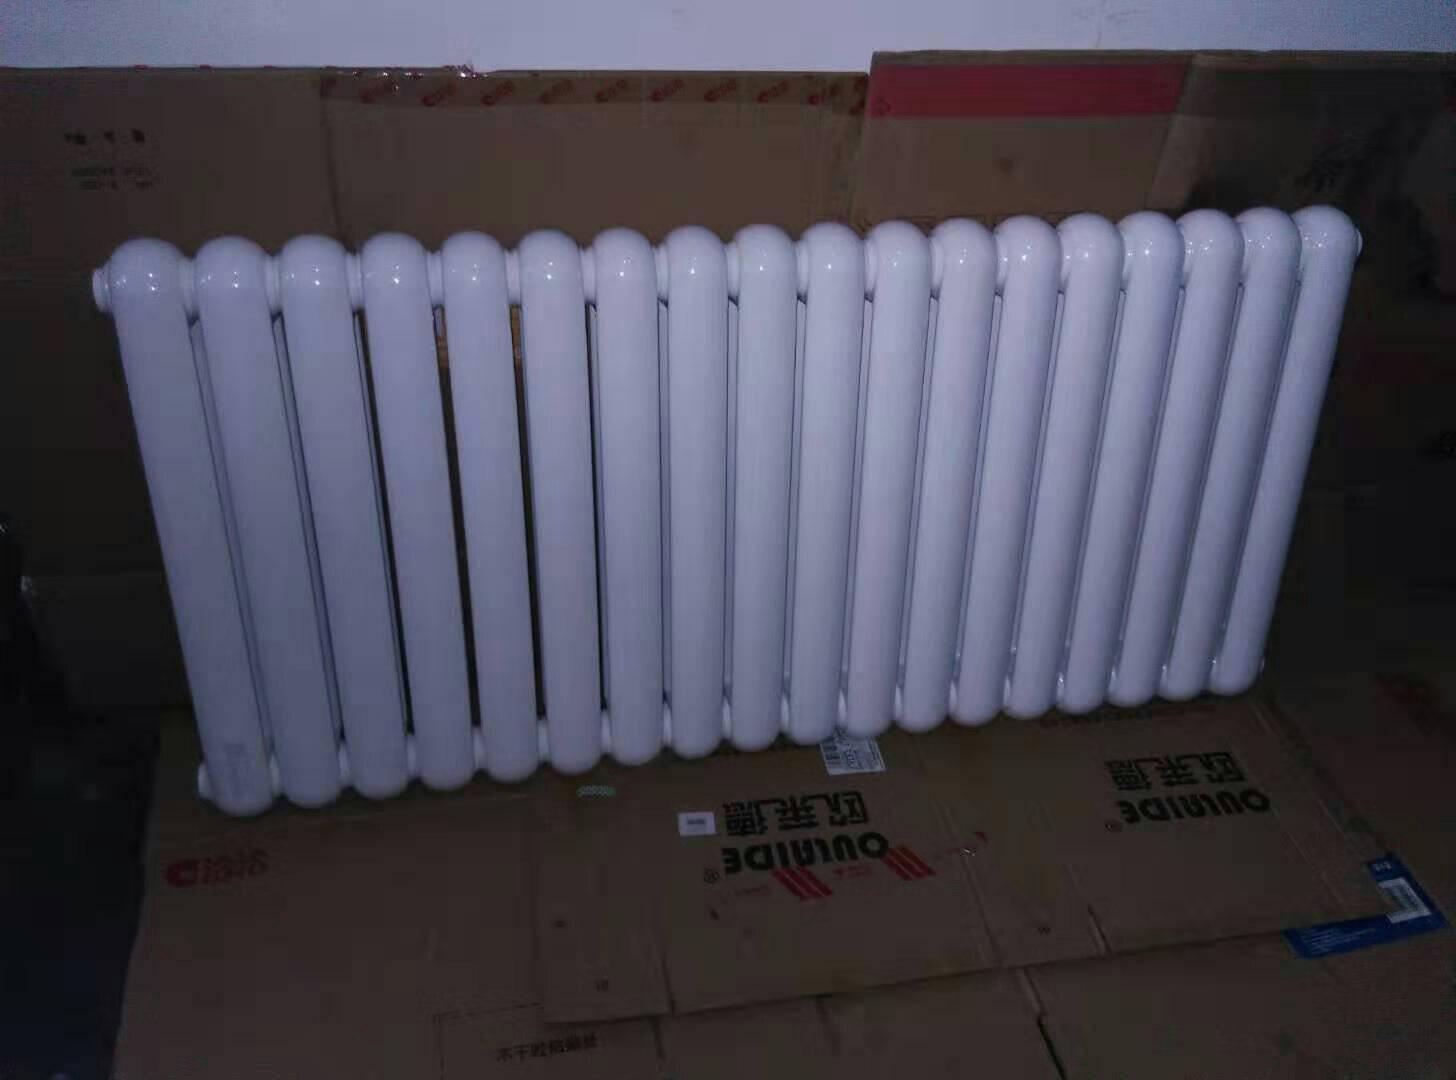 勃森散热器钢制暖气片家用水暖60600mm高壁挂式(8片起订)定制产品请联系客服